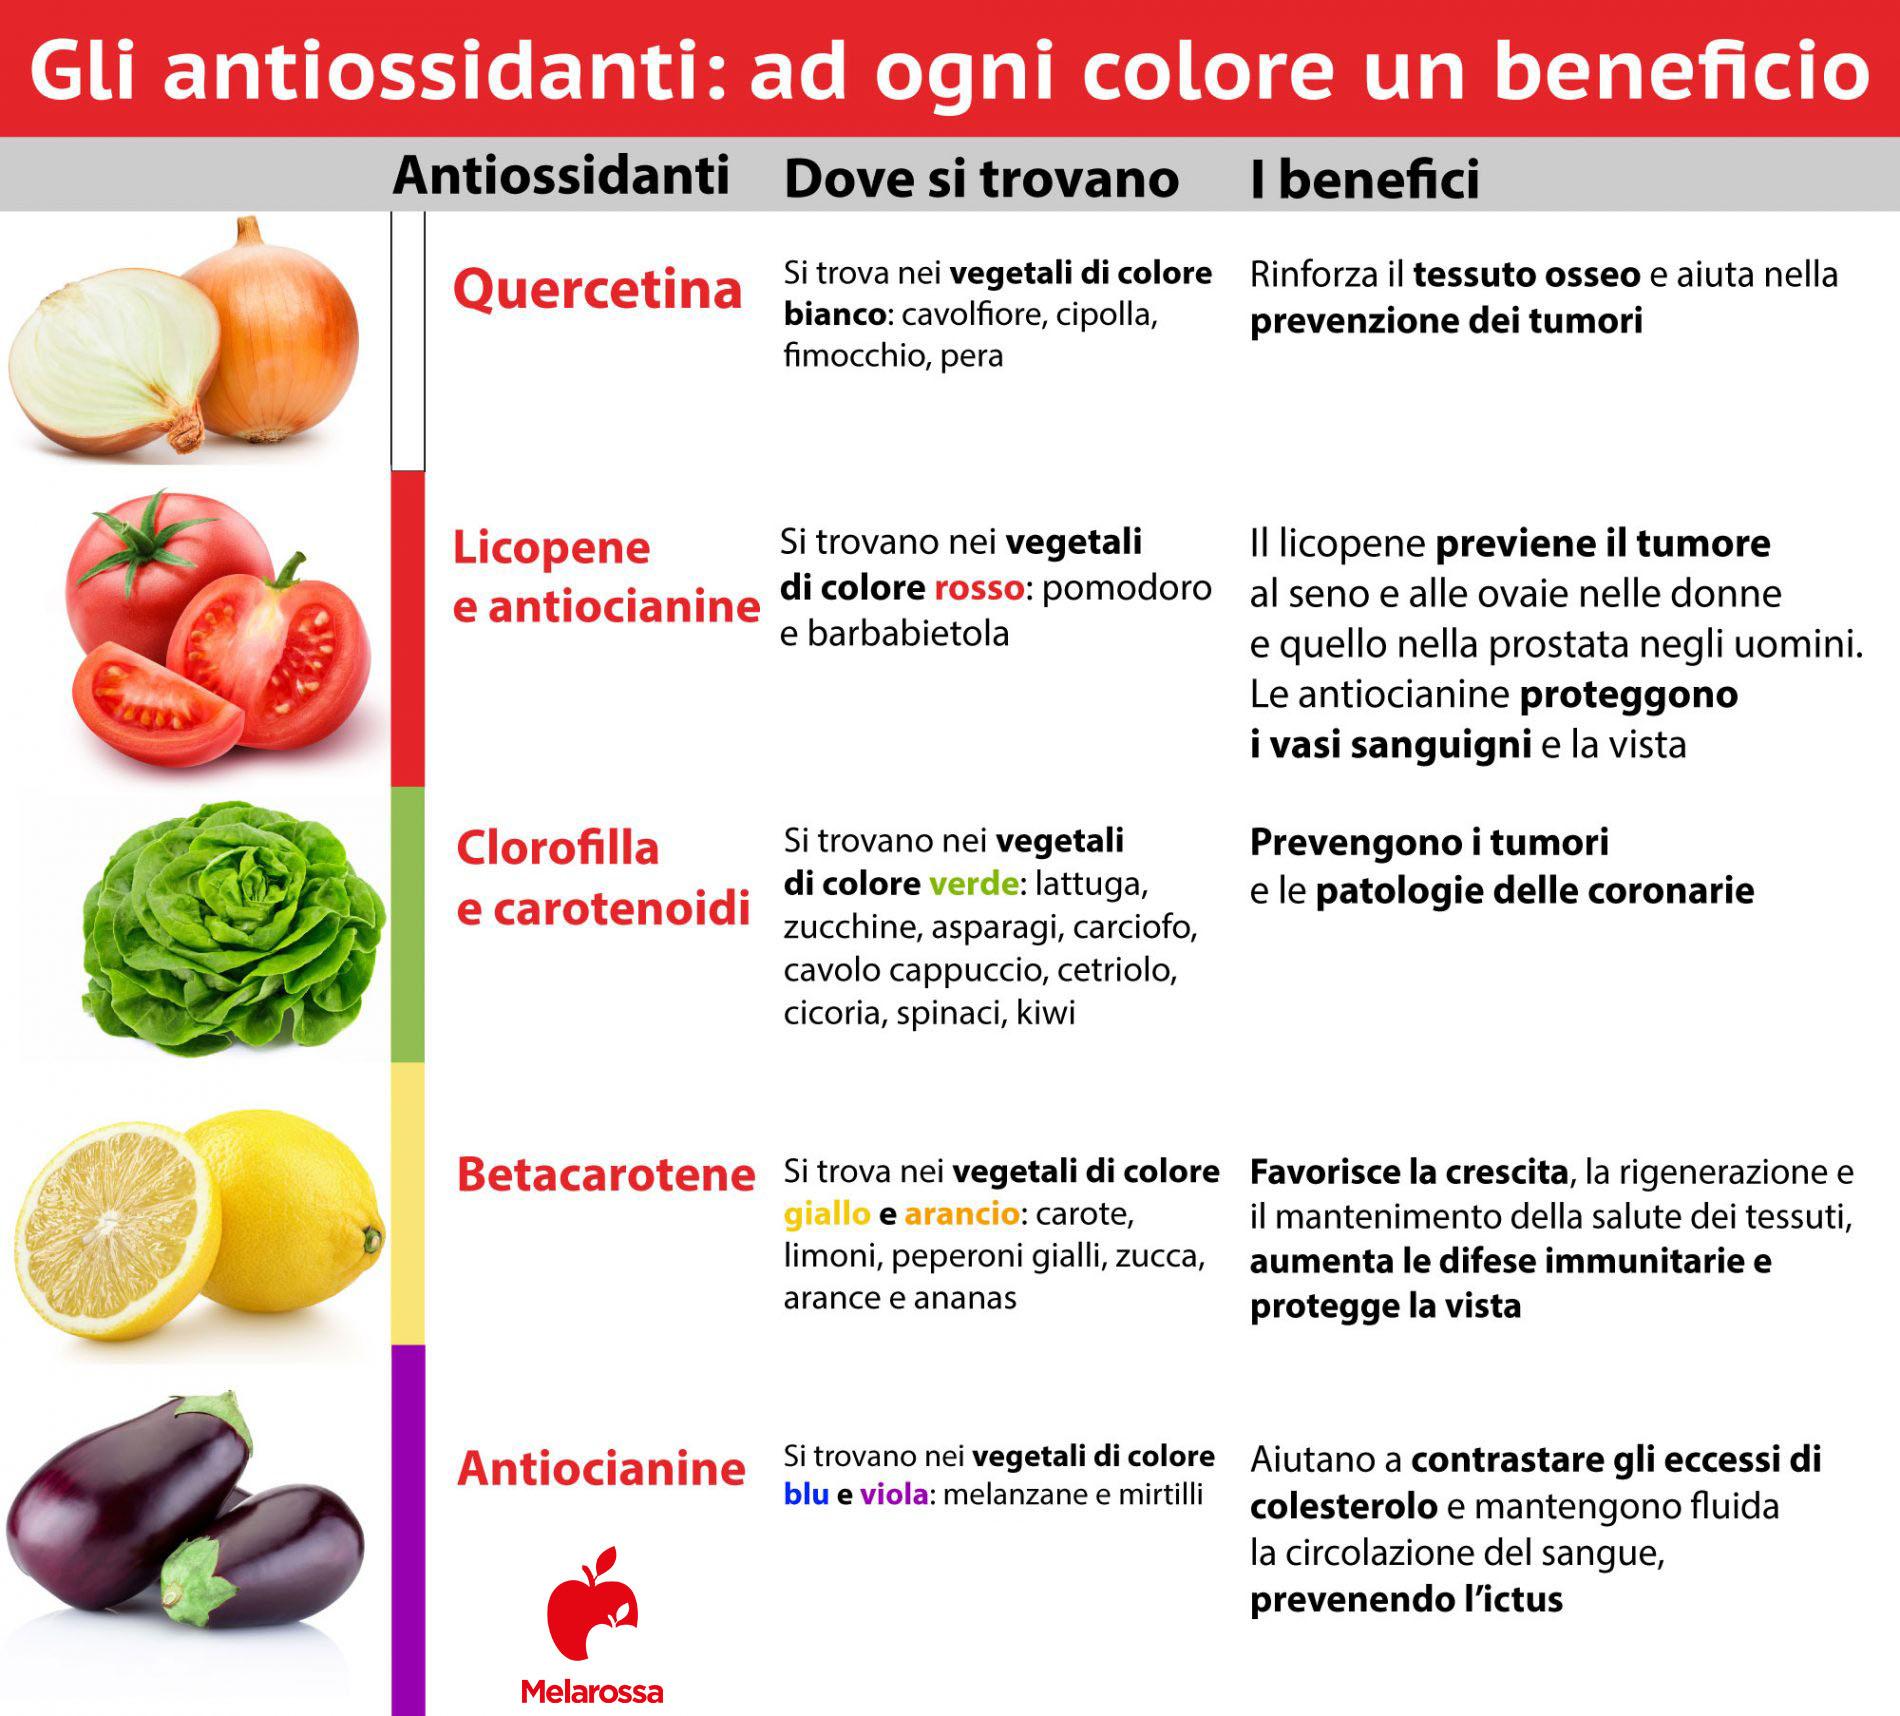 Antiossidanti: dove si trovano e benefici